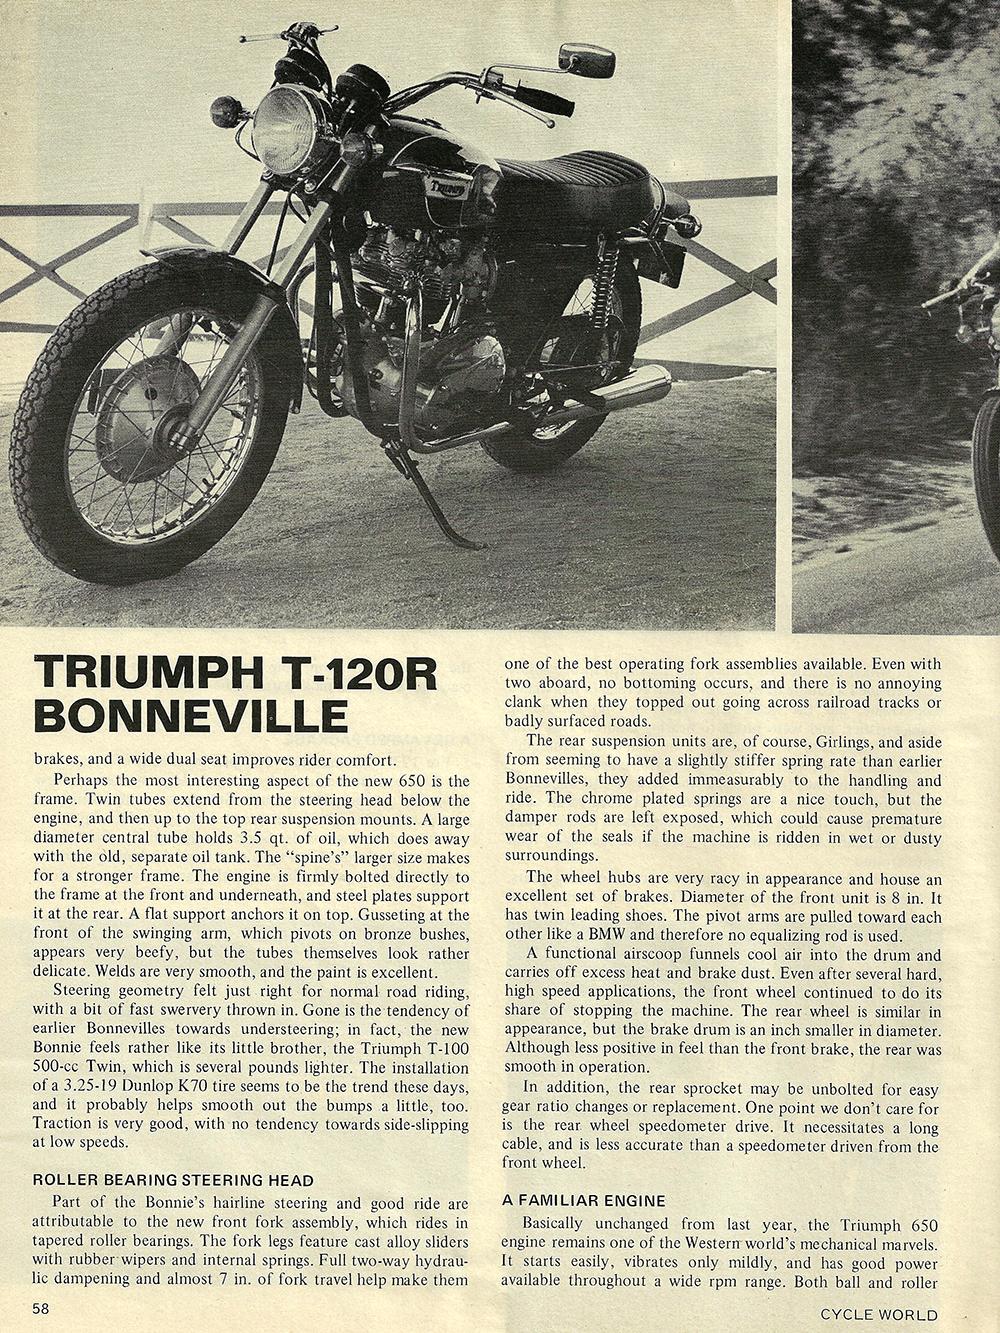 1971 Triumph T120R Bonneville road test 03.jpg